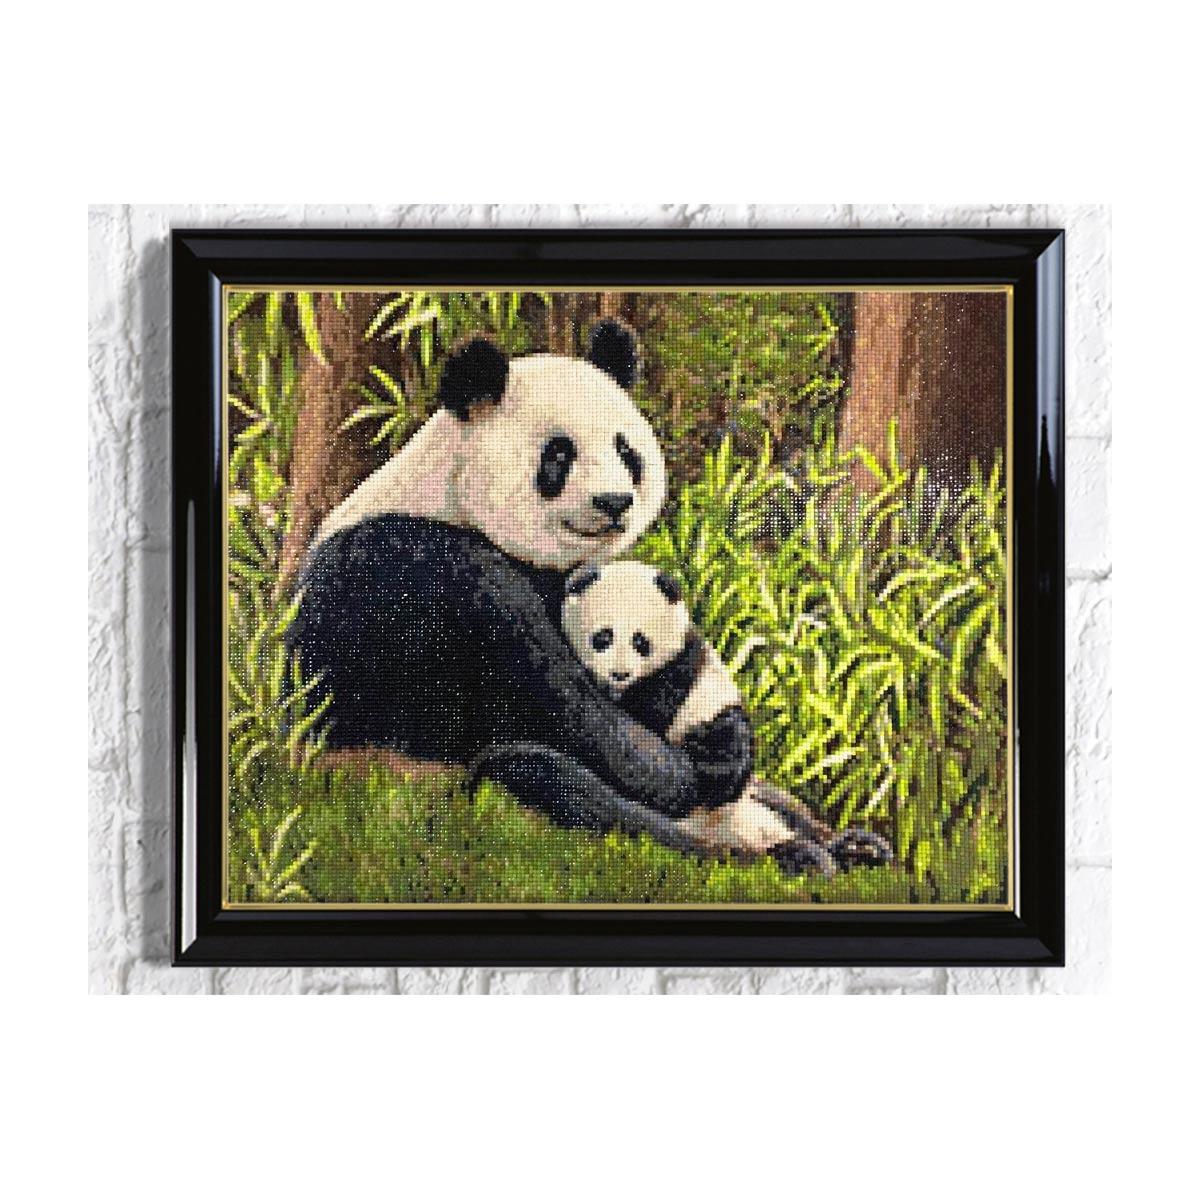 Ag 2691 Набор д/изготовления картин со стразами 'Мама панда' 50*40см Гранни